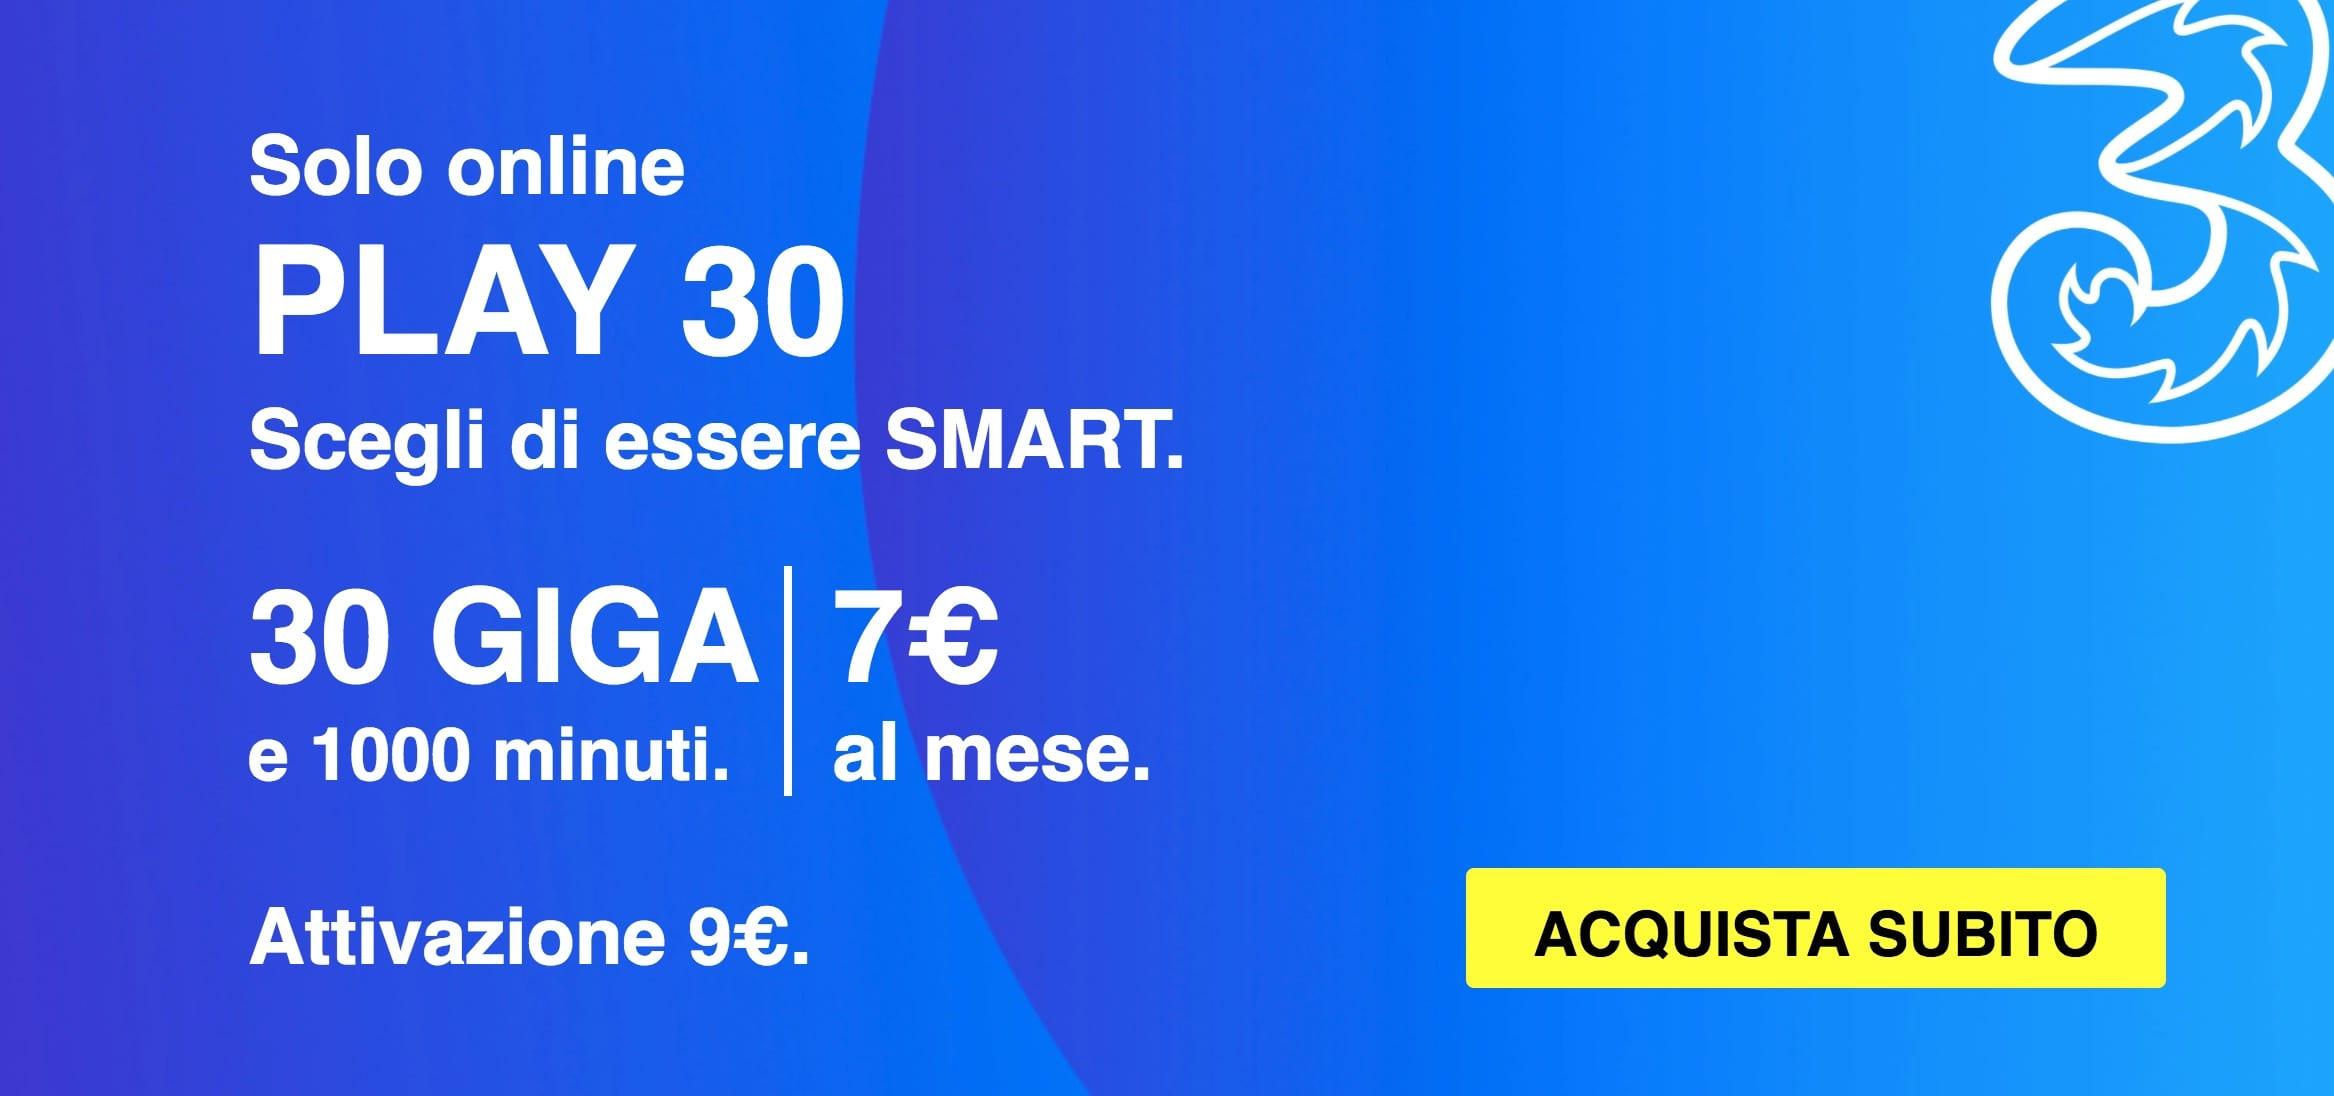 PLAY 30 e PLAY 9 Digital: Le due offerte di Tre Italia che si ...